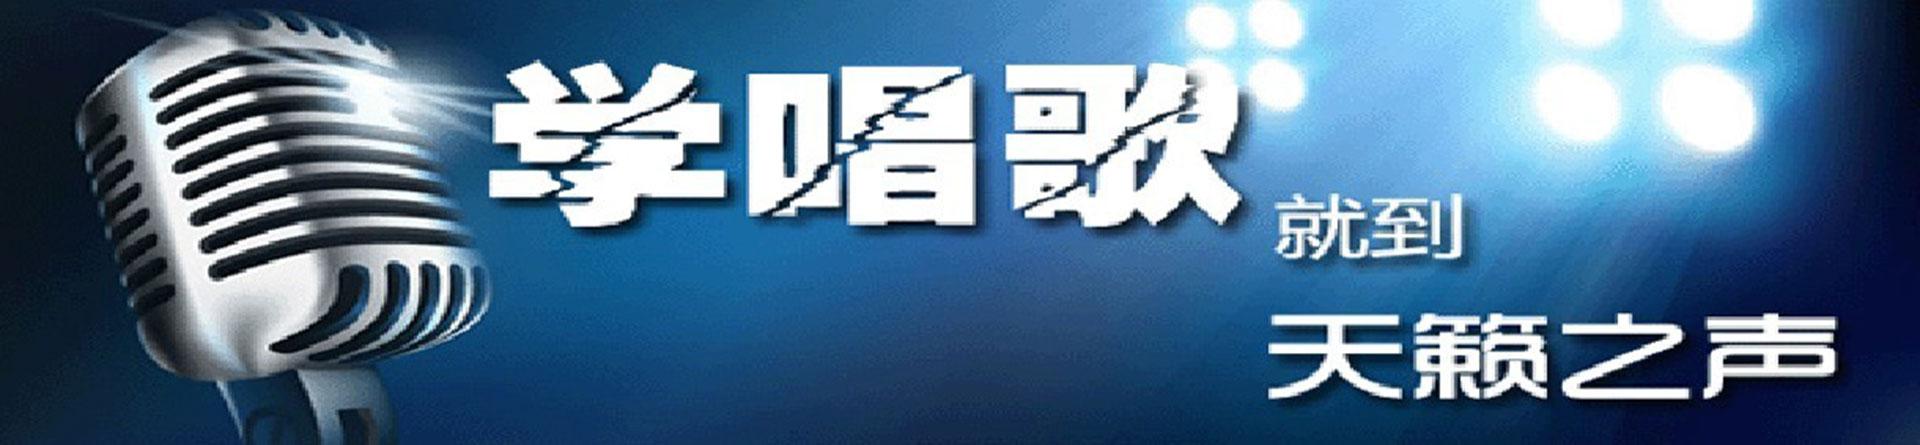 郑州葫芦丝专业培训